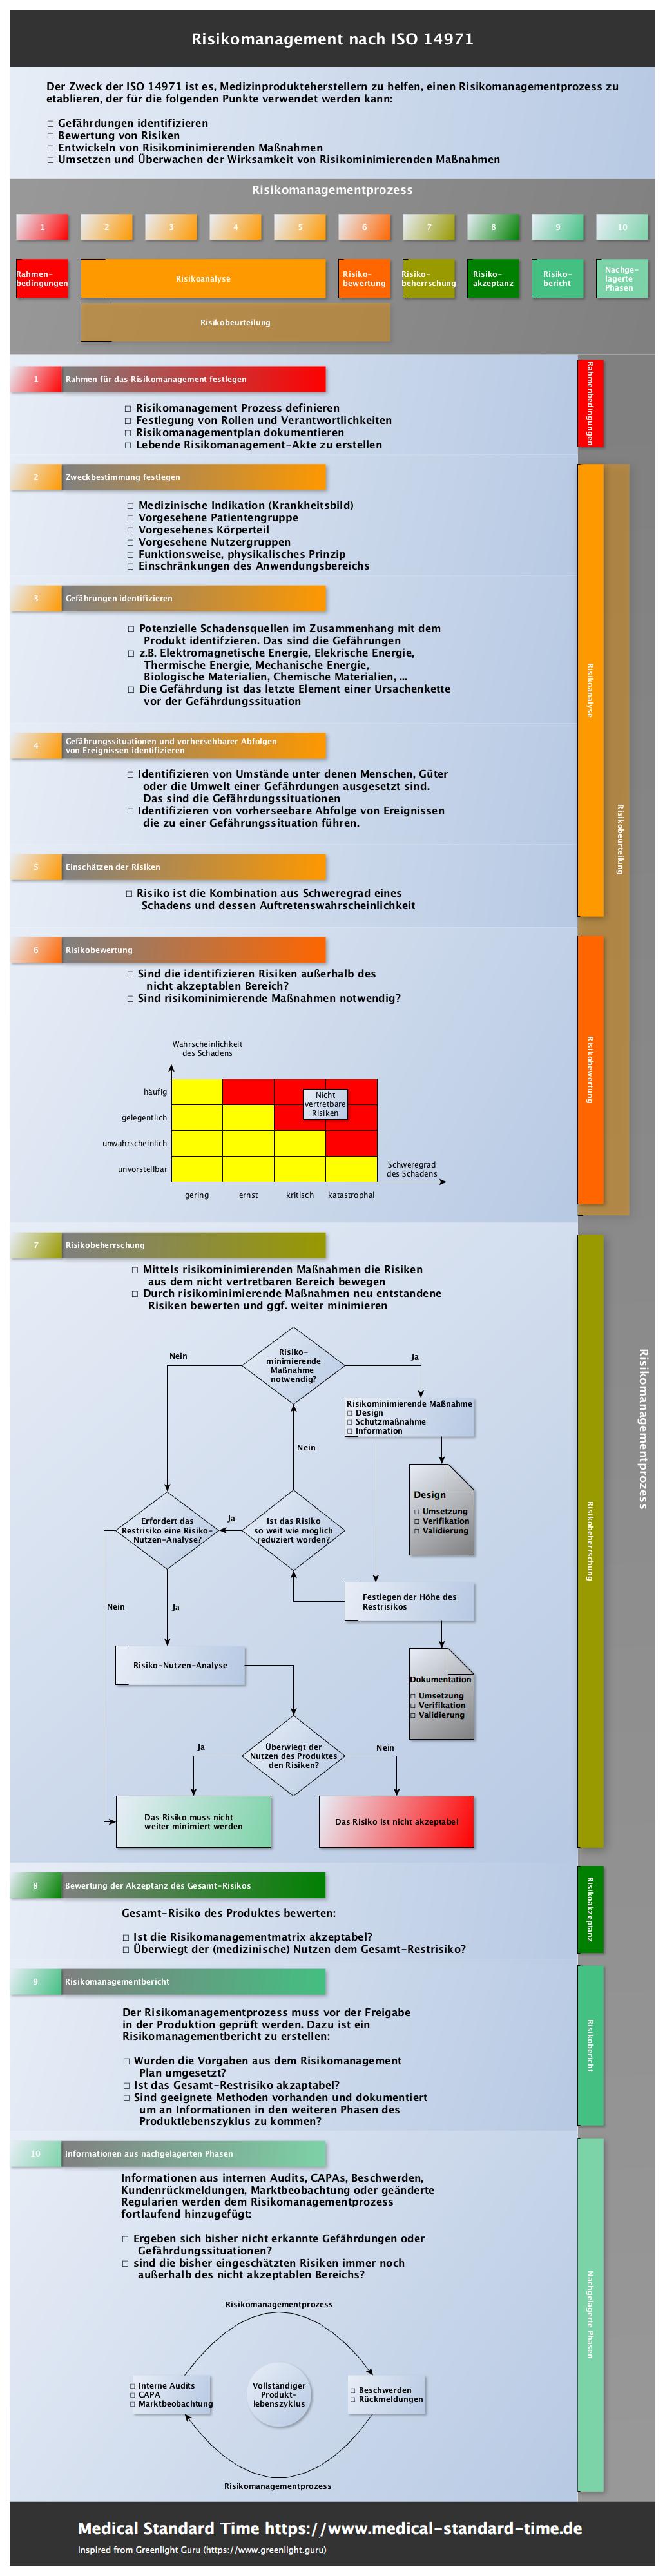 Risikomanagement-Übersicht